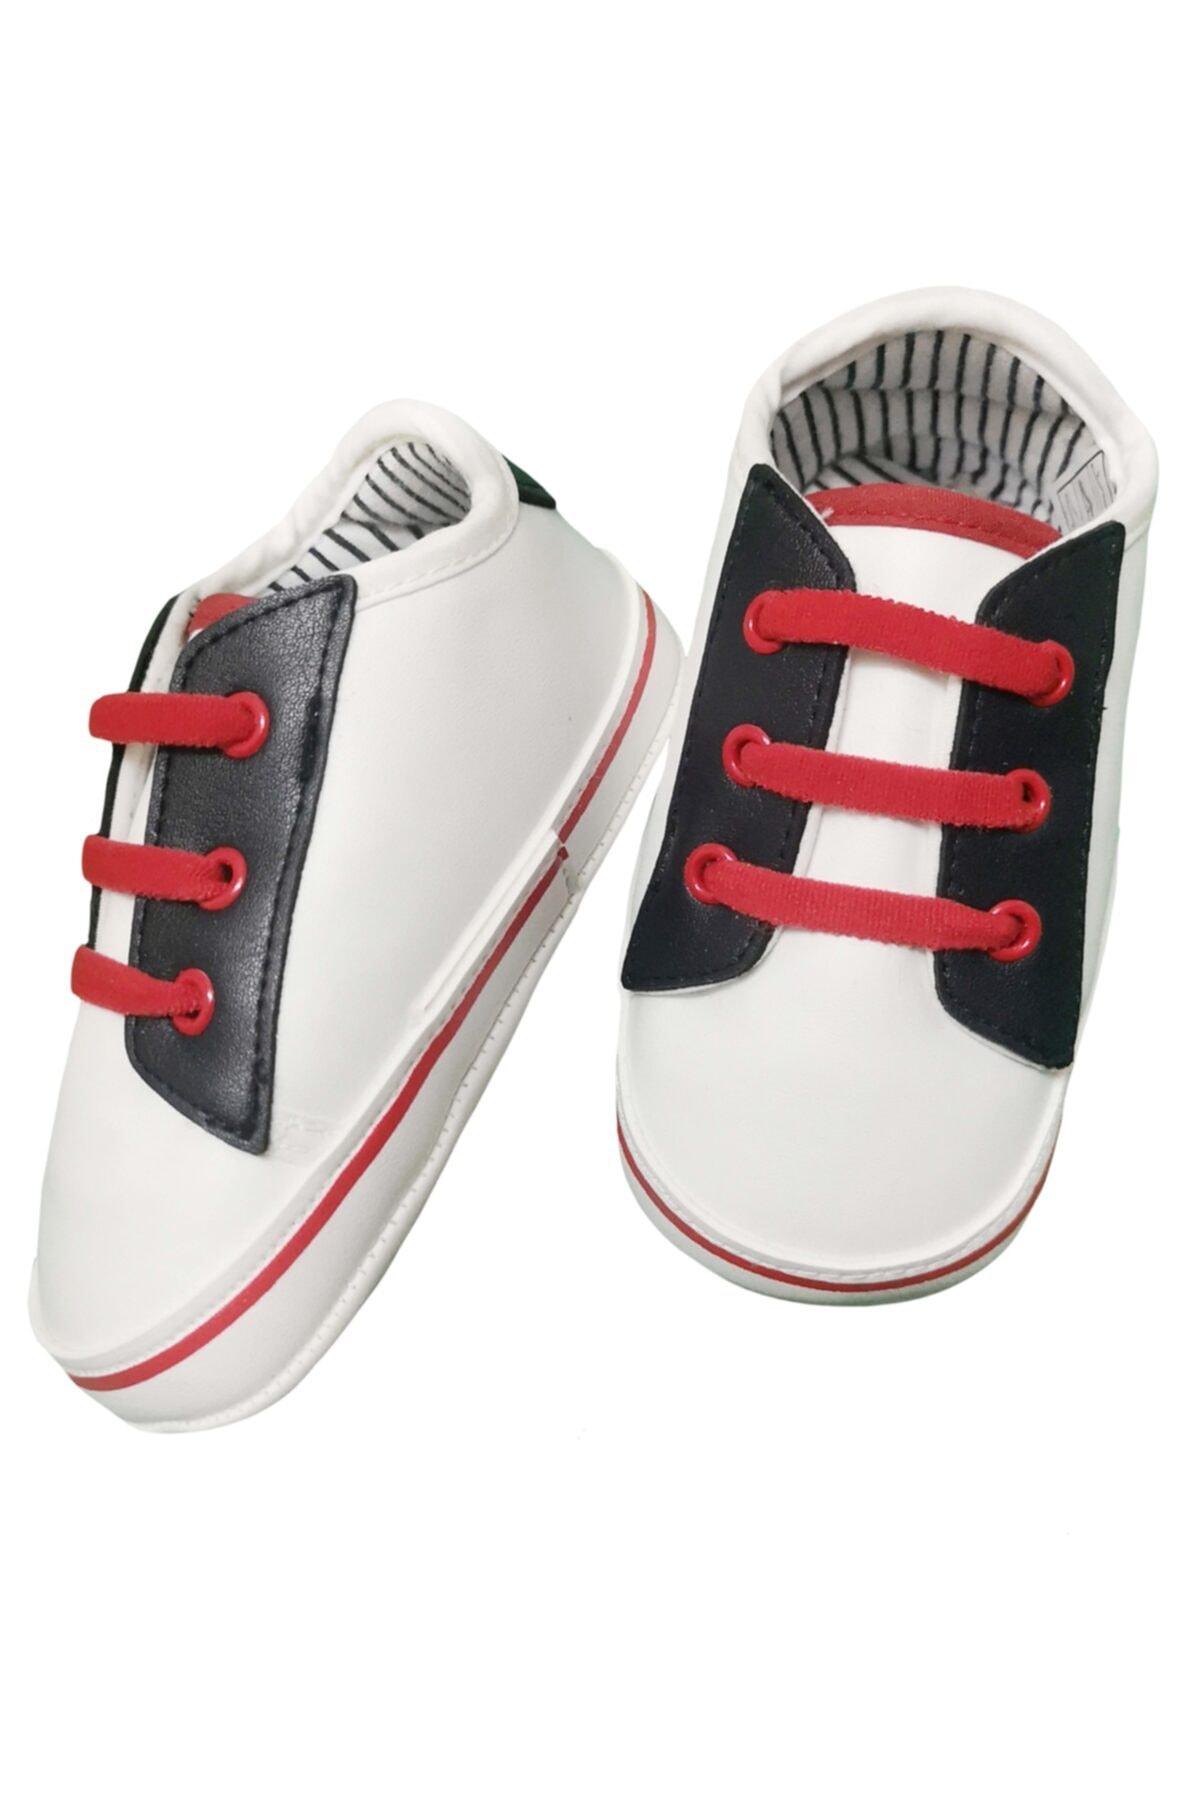 Funny Baby Unisex Bebek Kırmızı Premium Bağcıklı Suni Deri Patik Ayakkabı 1